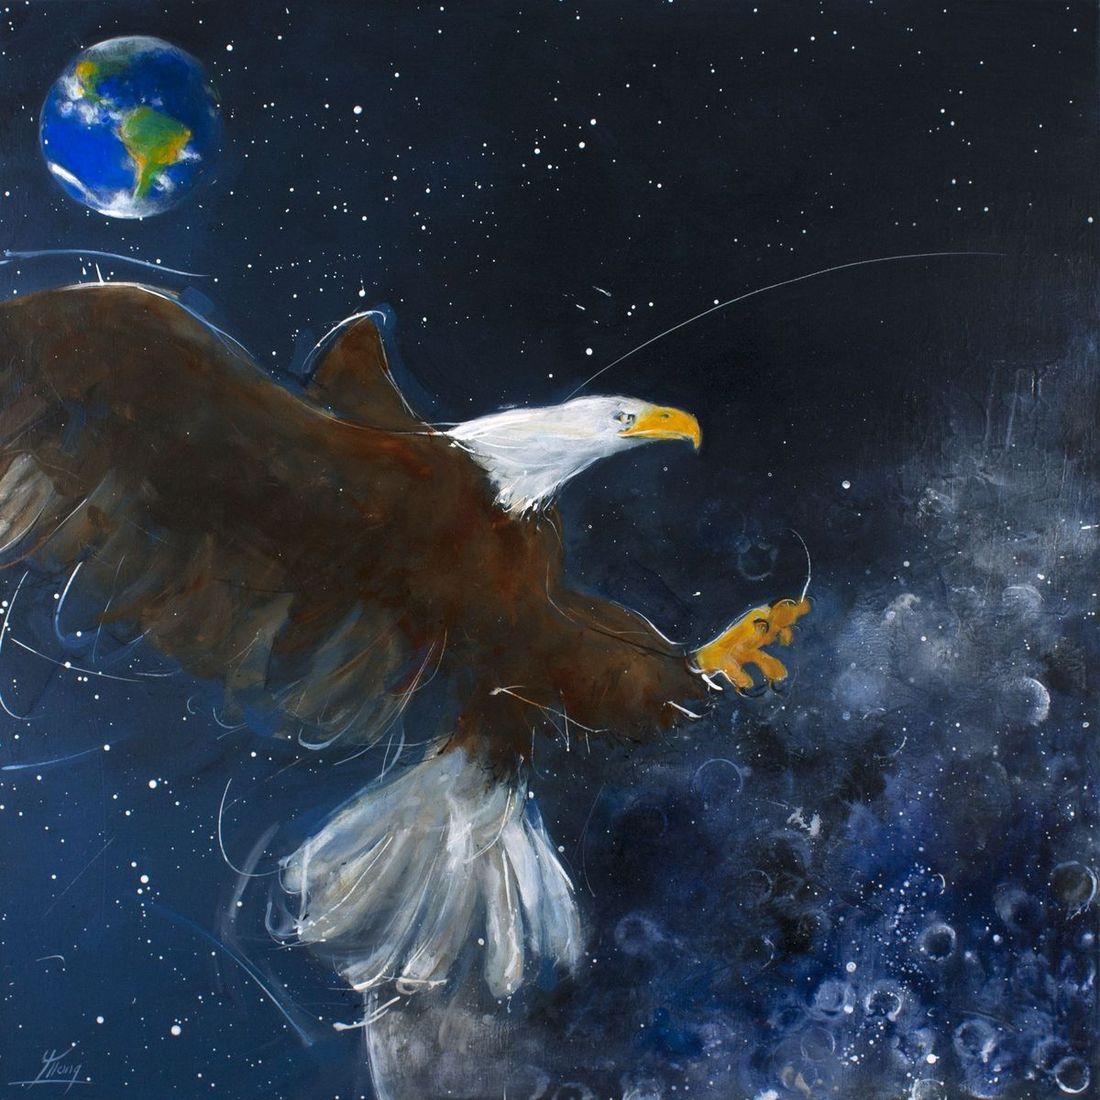 peinture pop art animalier : Eagle on the moon (l'aigle sur la Lune)-l'histoire de la conquête spatiale à l'occasion du 50ème anniversaire du premier homme sur la Lune